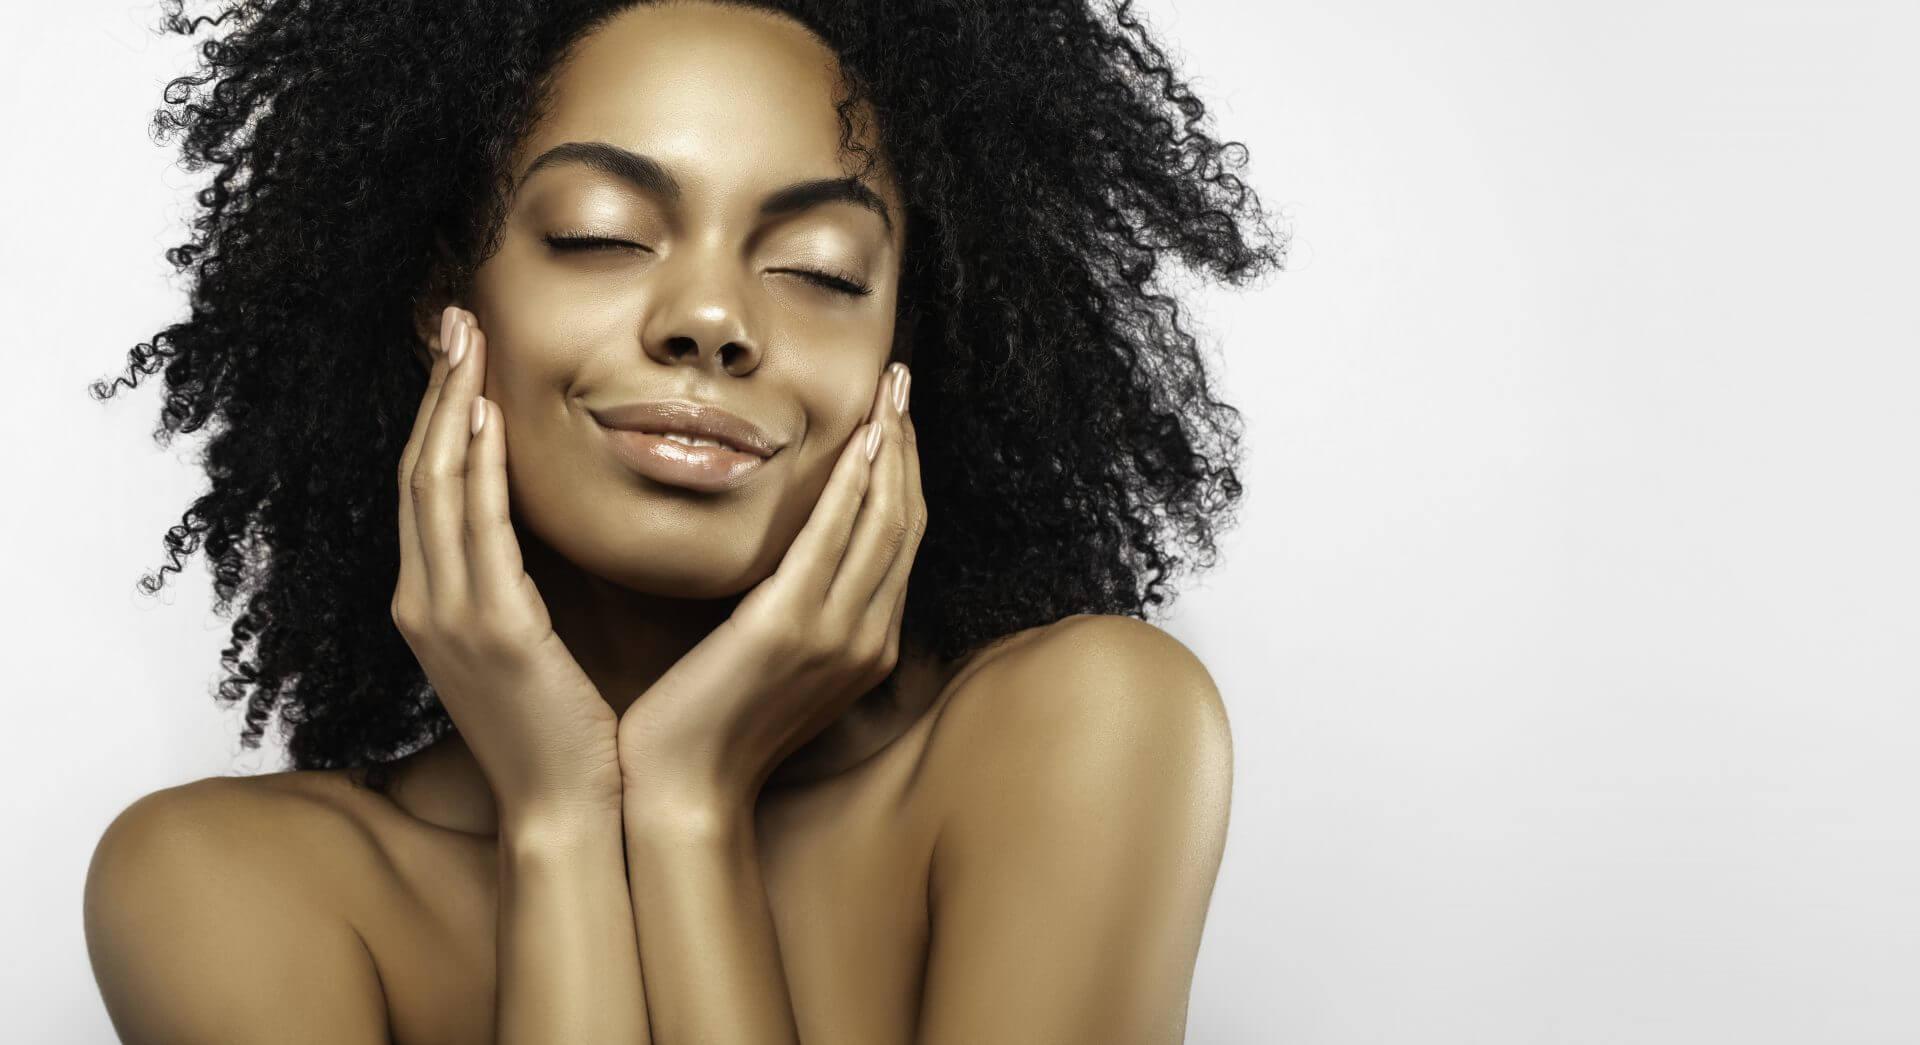 tør hud og rødme